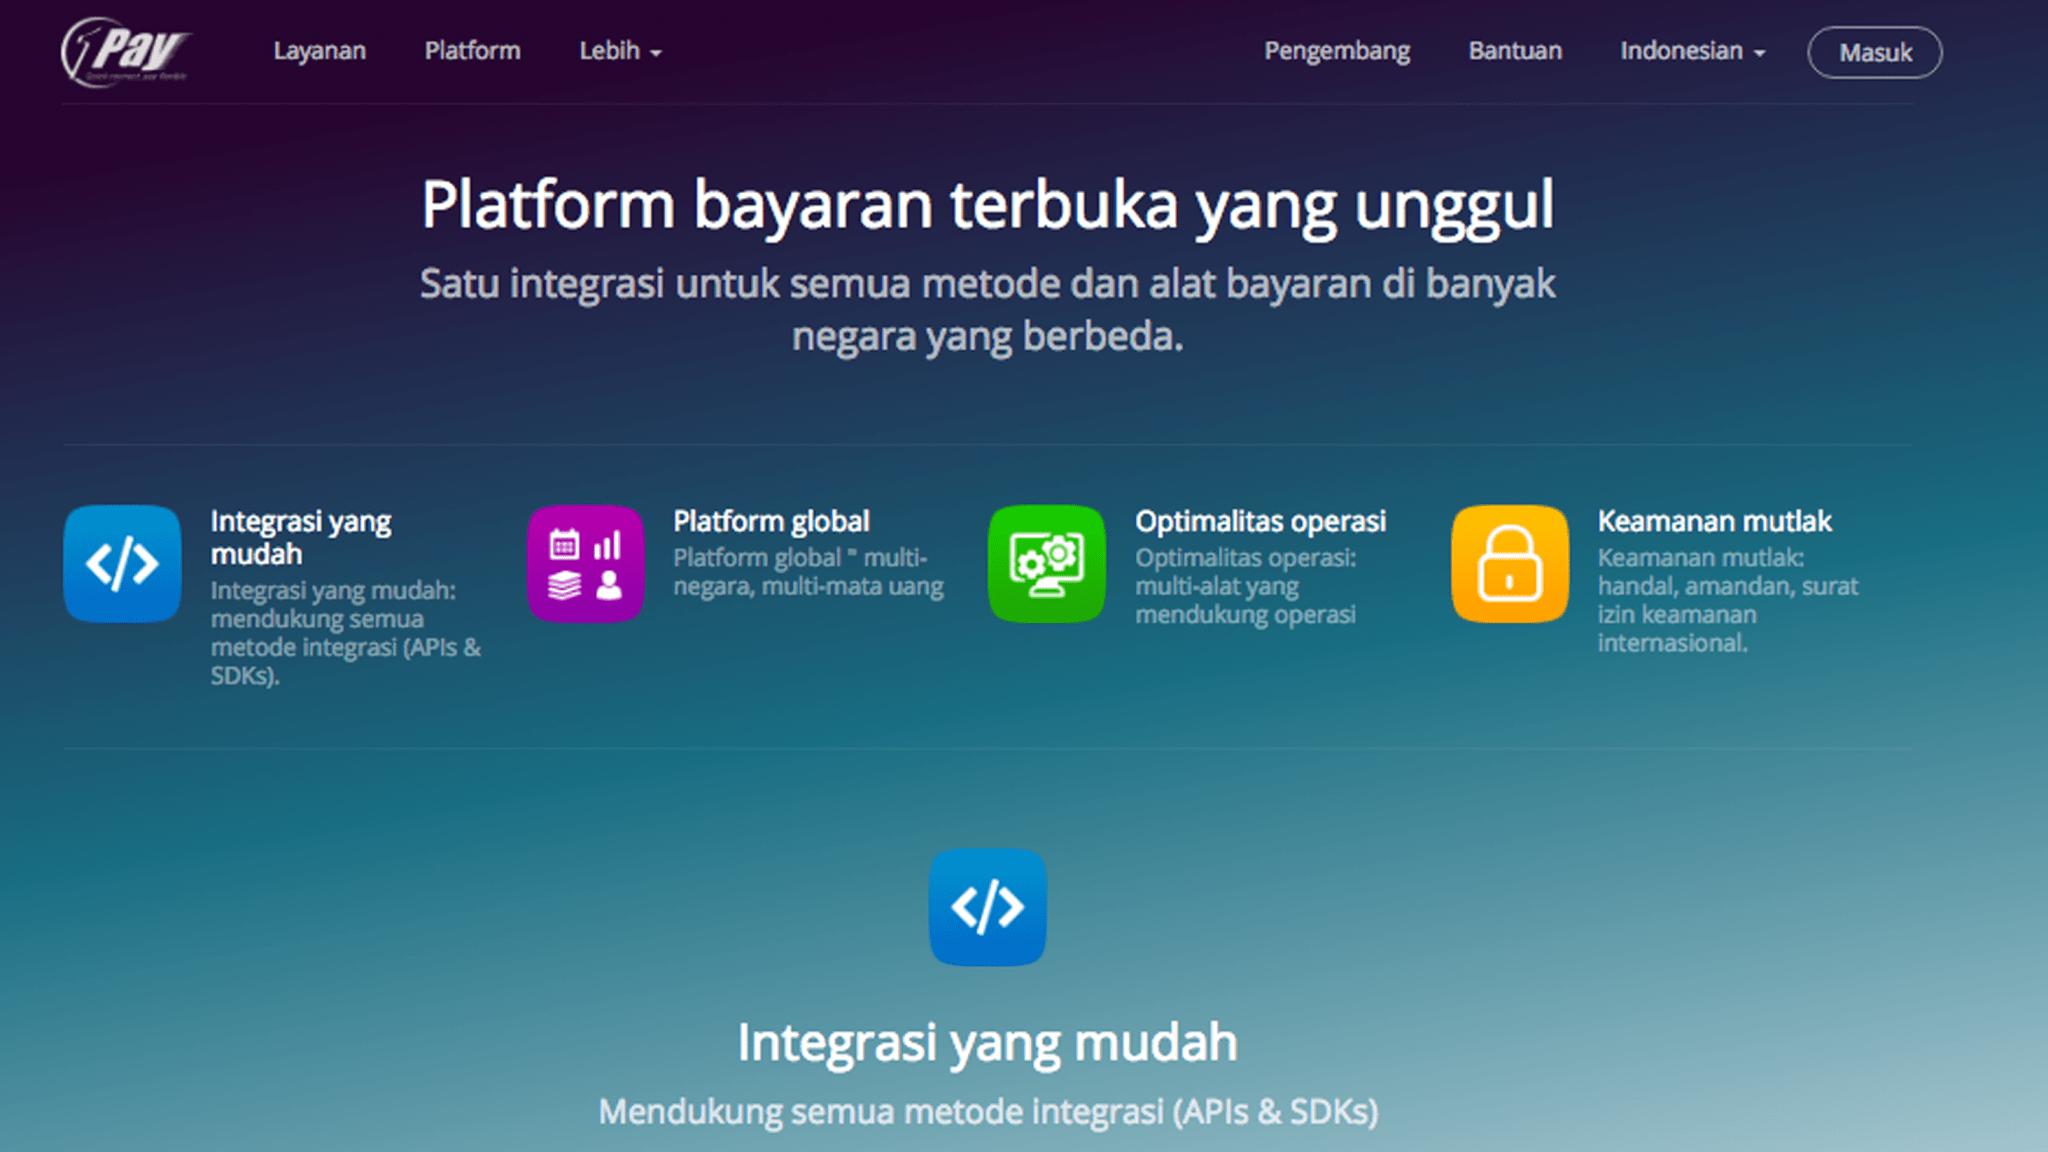 1Pay - Doanh nghiệp Việt đã có thể kinh doanh dịch vụ nội dung số tại Indonesia